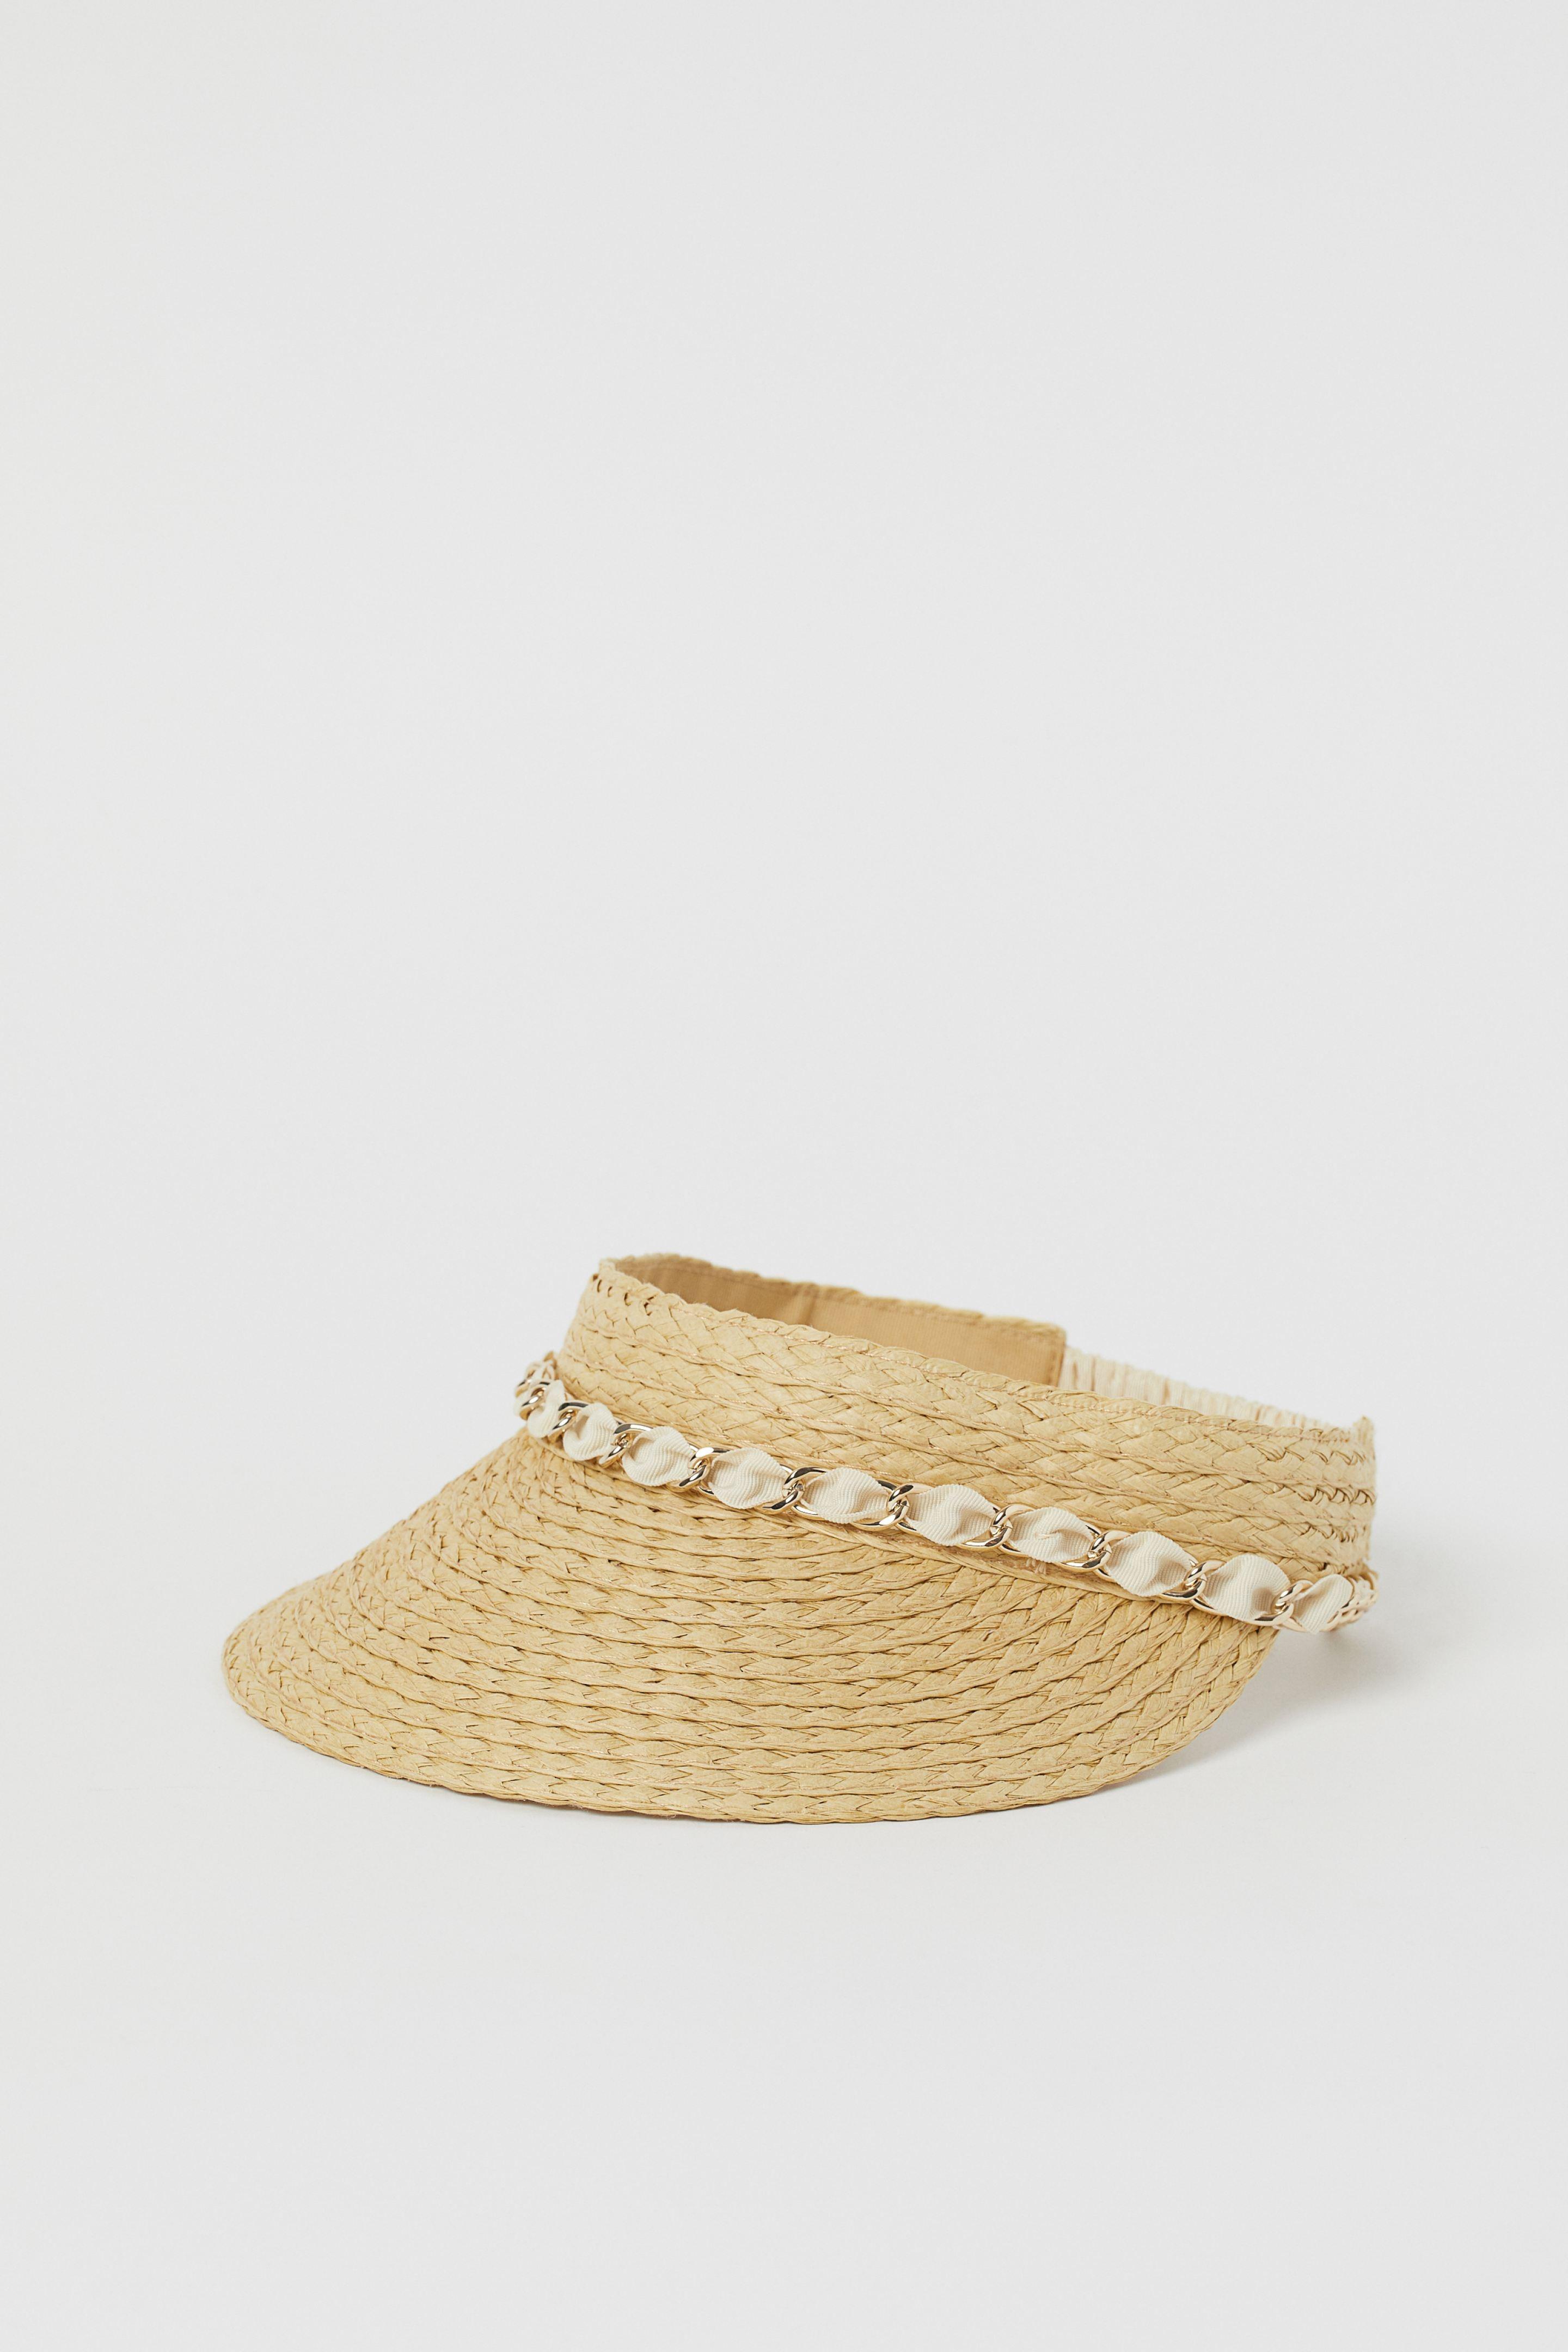 Mũ cói visor mùa Hè H&M